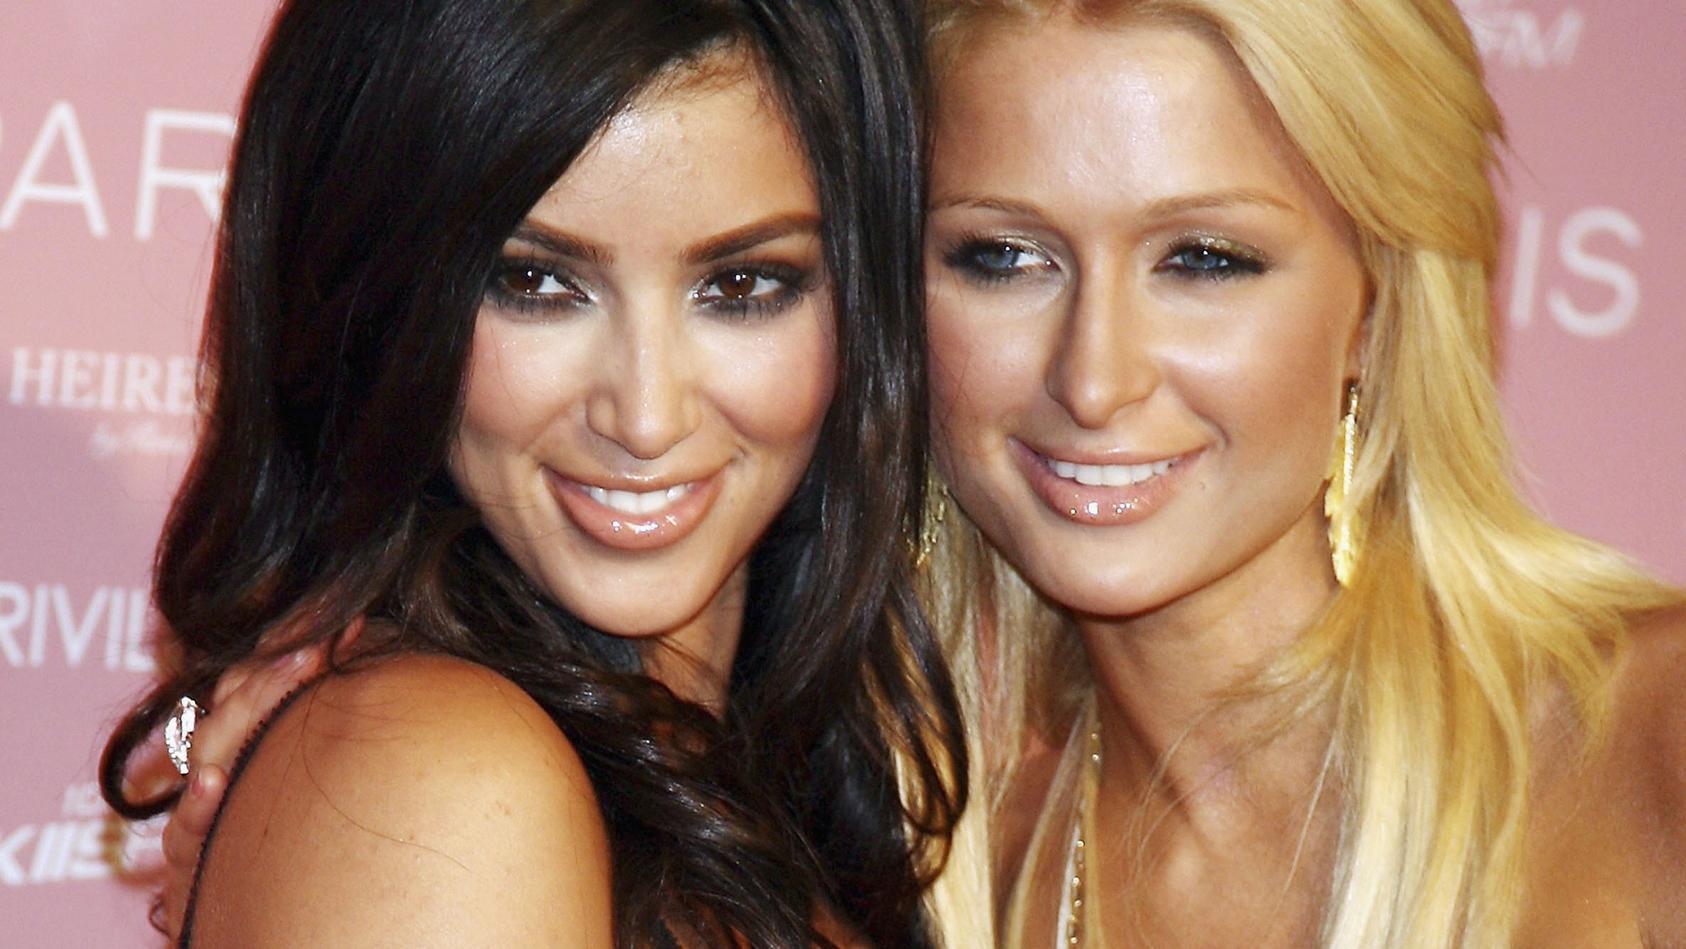 Kim Kardashian und Paris Hilton galten viele Jahre als beste Freunde, dann kam es zum Streit. Weihnachten 2018 zeigten sie sich wieder auf gemeinsamen Fotos.